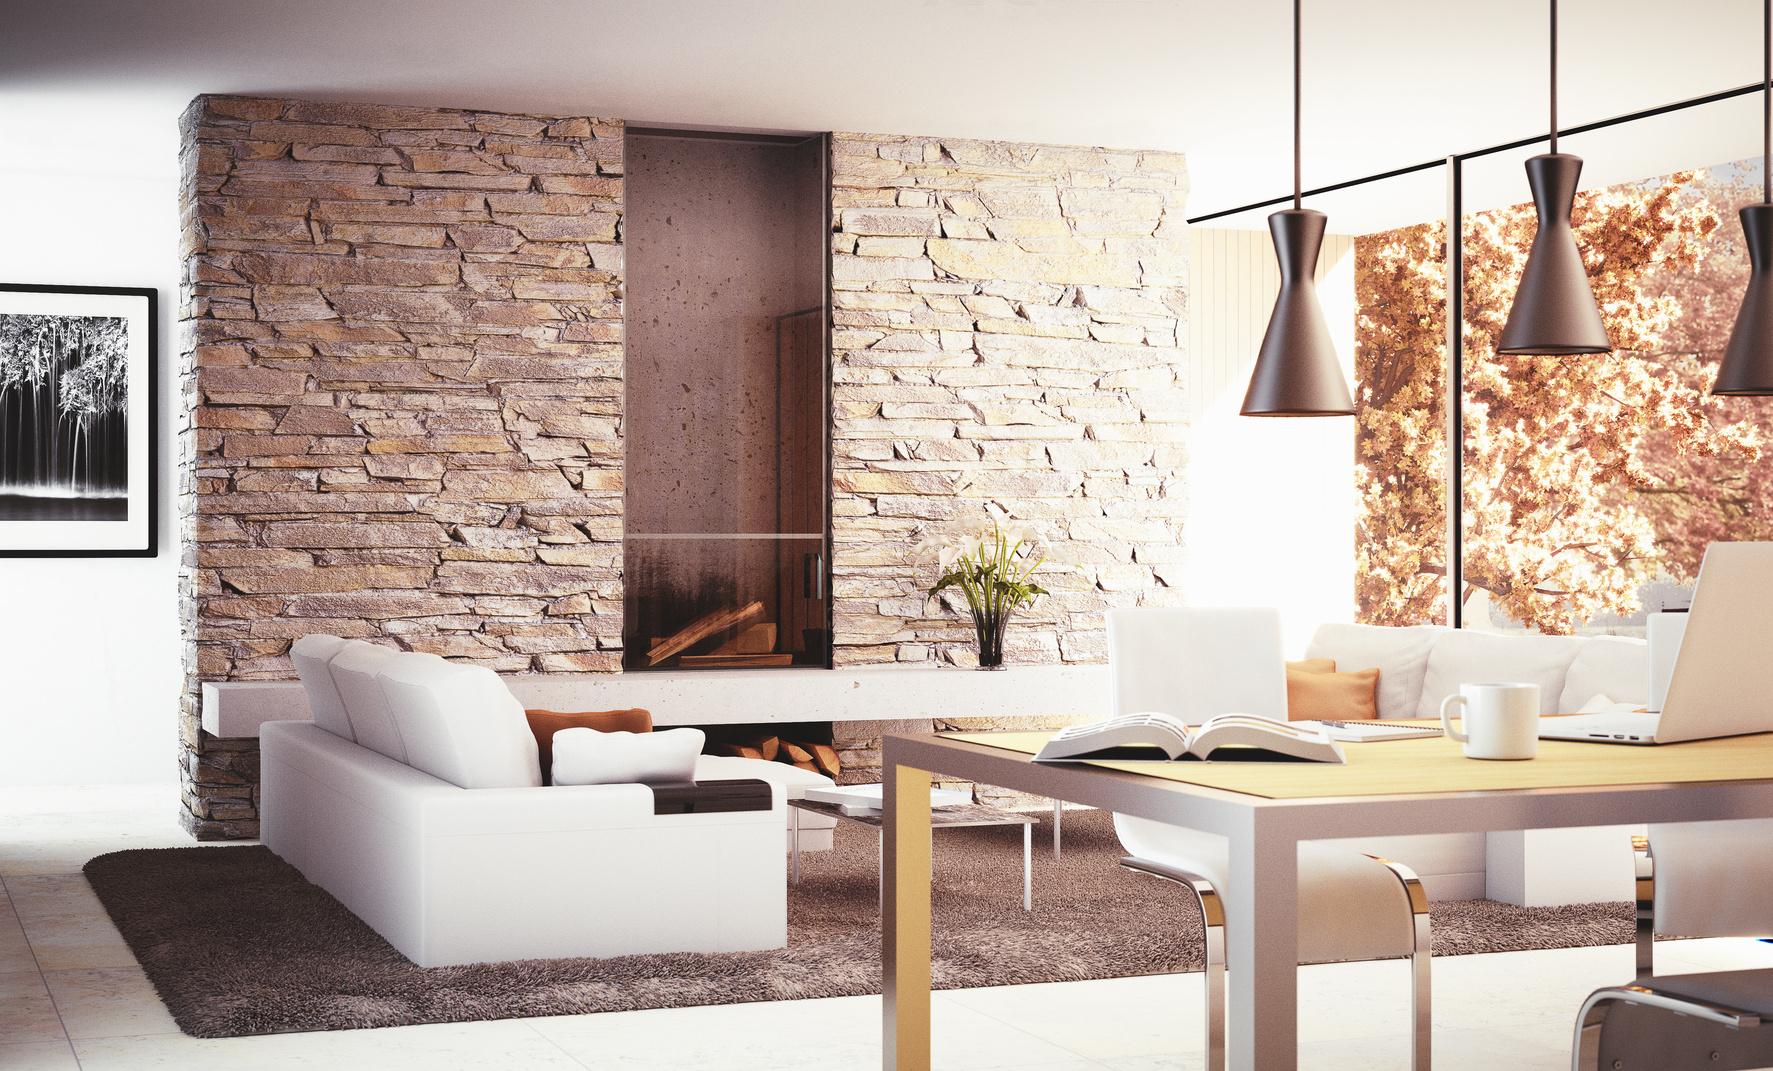 warmes wohnzimmer | wintersohle fliesendesign ? fliesenleger aus brühl - Wohnzimmer Brauntone